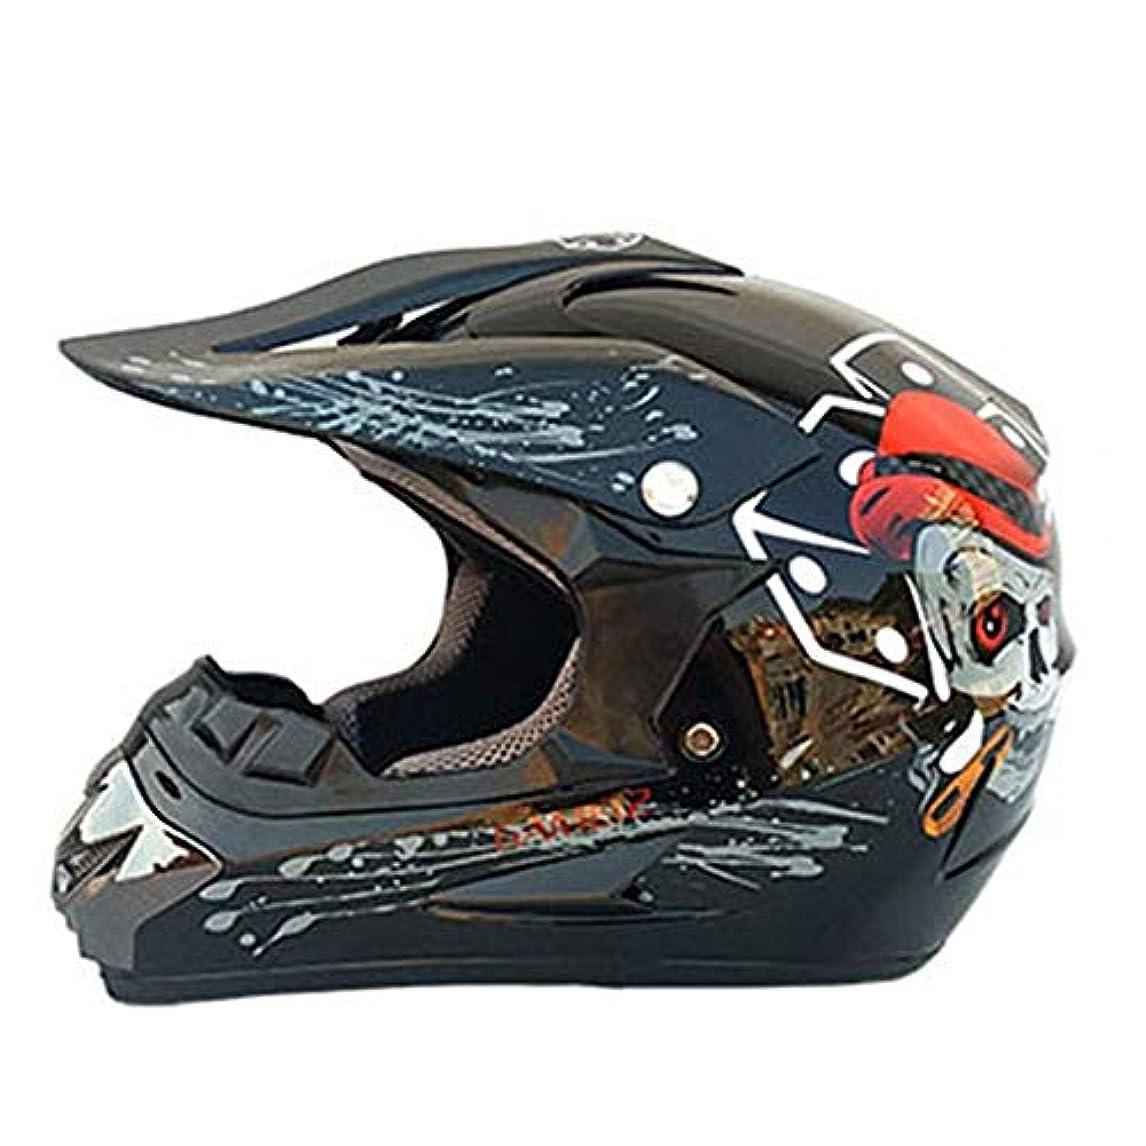 チャンス音楽を聴くコピーTOMSSL高品質 モトクロスヘルメットオートバイヘルメットヘルメット四季普遍的なプロのバイクオフロードヘルメット下り坂安全レーシングヘルメット - 黒 - 落書き - 大 TOMSSL高品質 (Size : L)